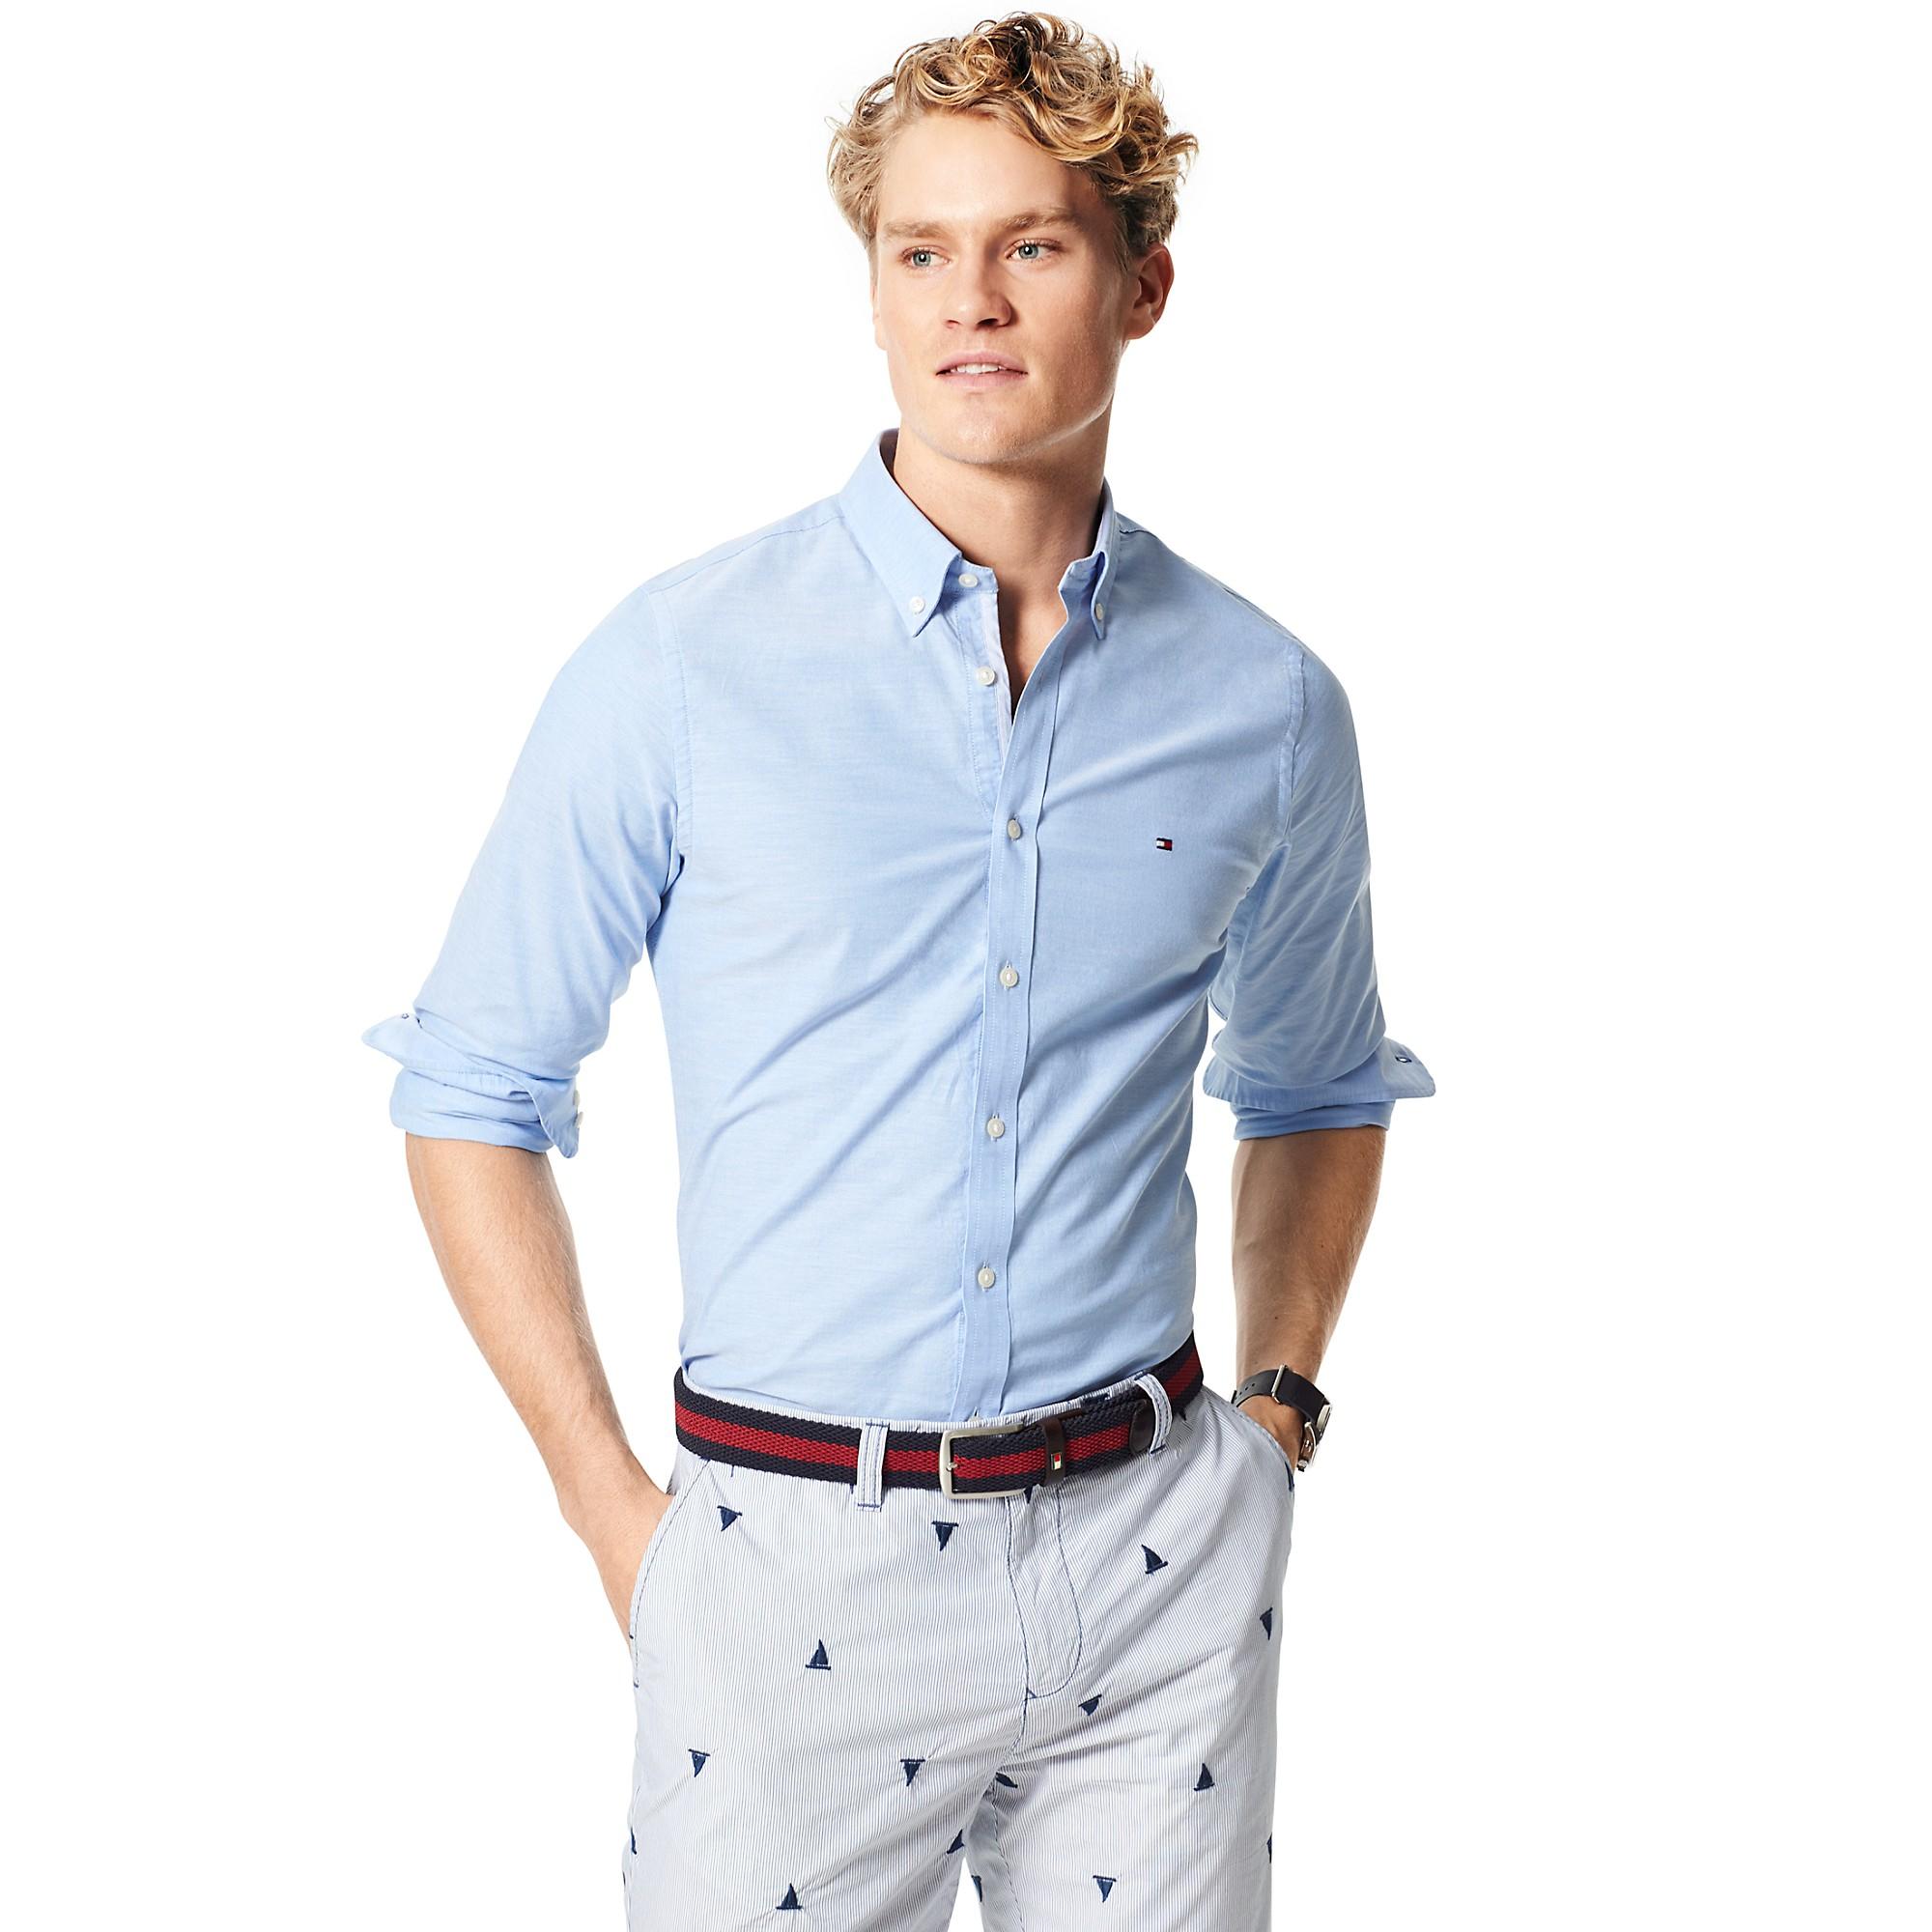 tommy hilfiger slim fit stretch oxford in blue for men. Black Bedroom Furniture Sets. Home Design Ideas